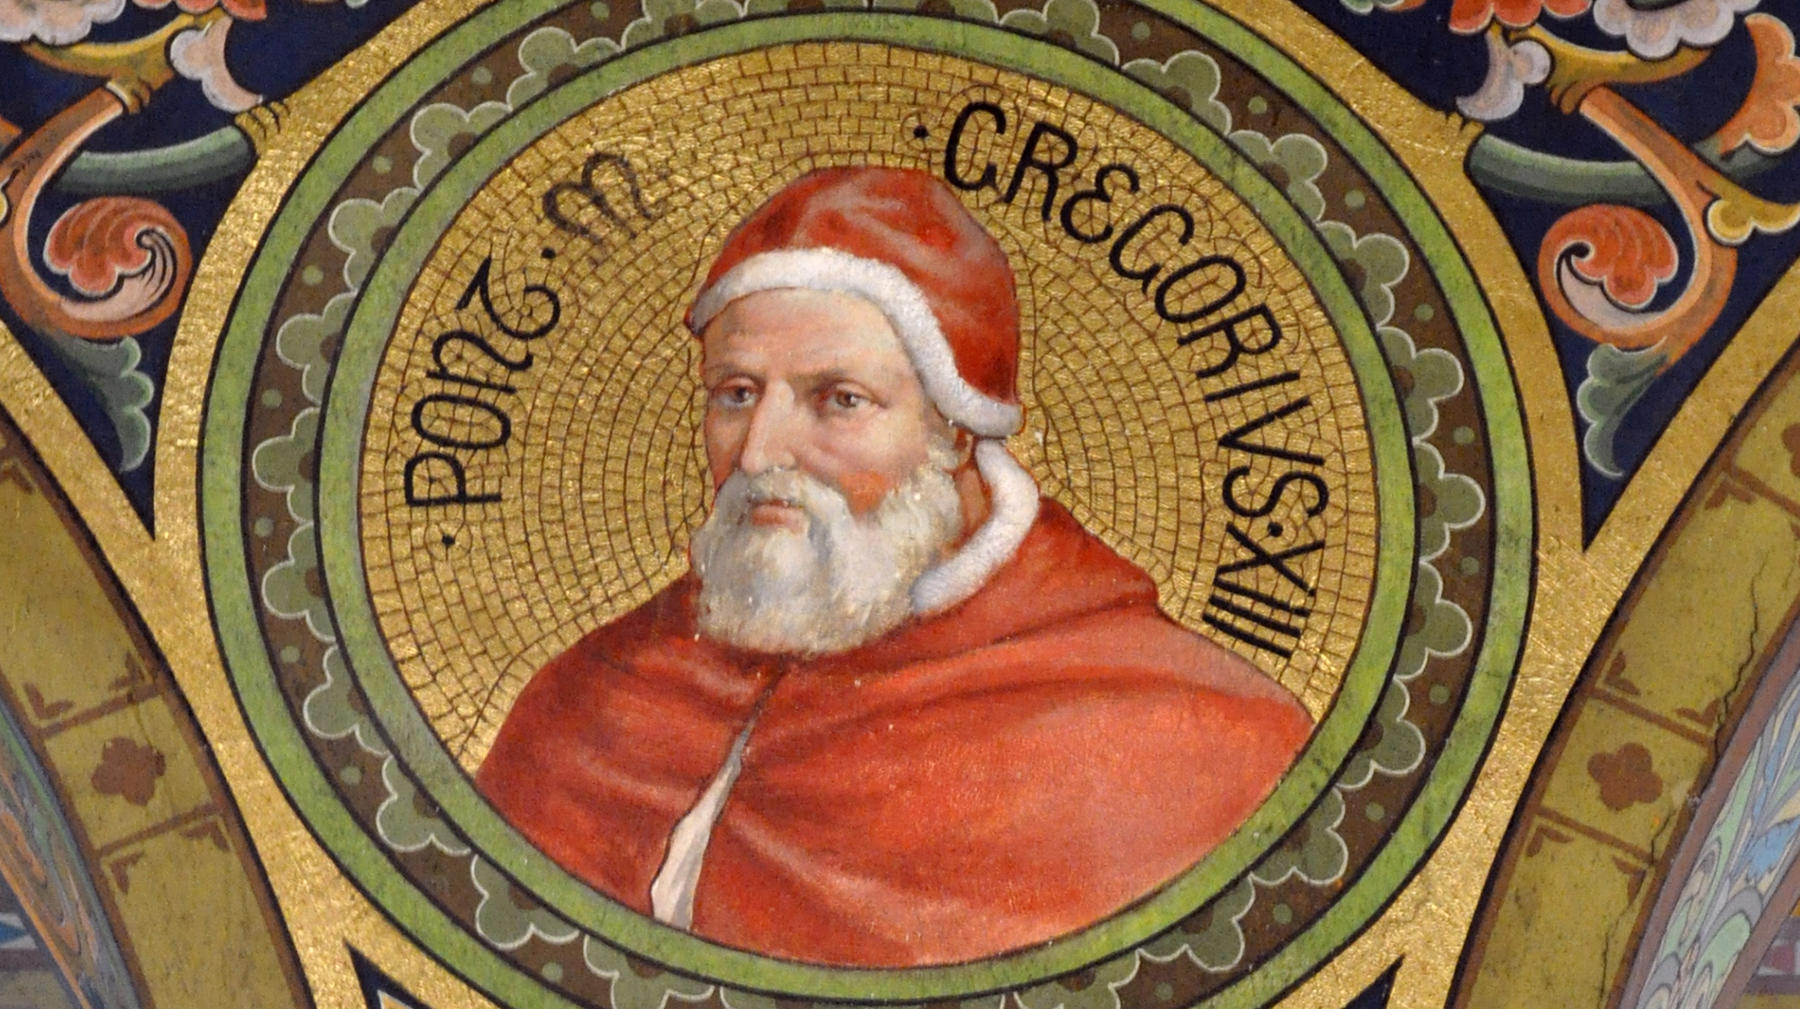 Папа Римський Григорій 13 запровадив календар, за яким українські католики святкують Різдво